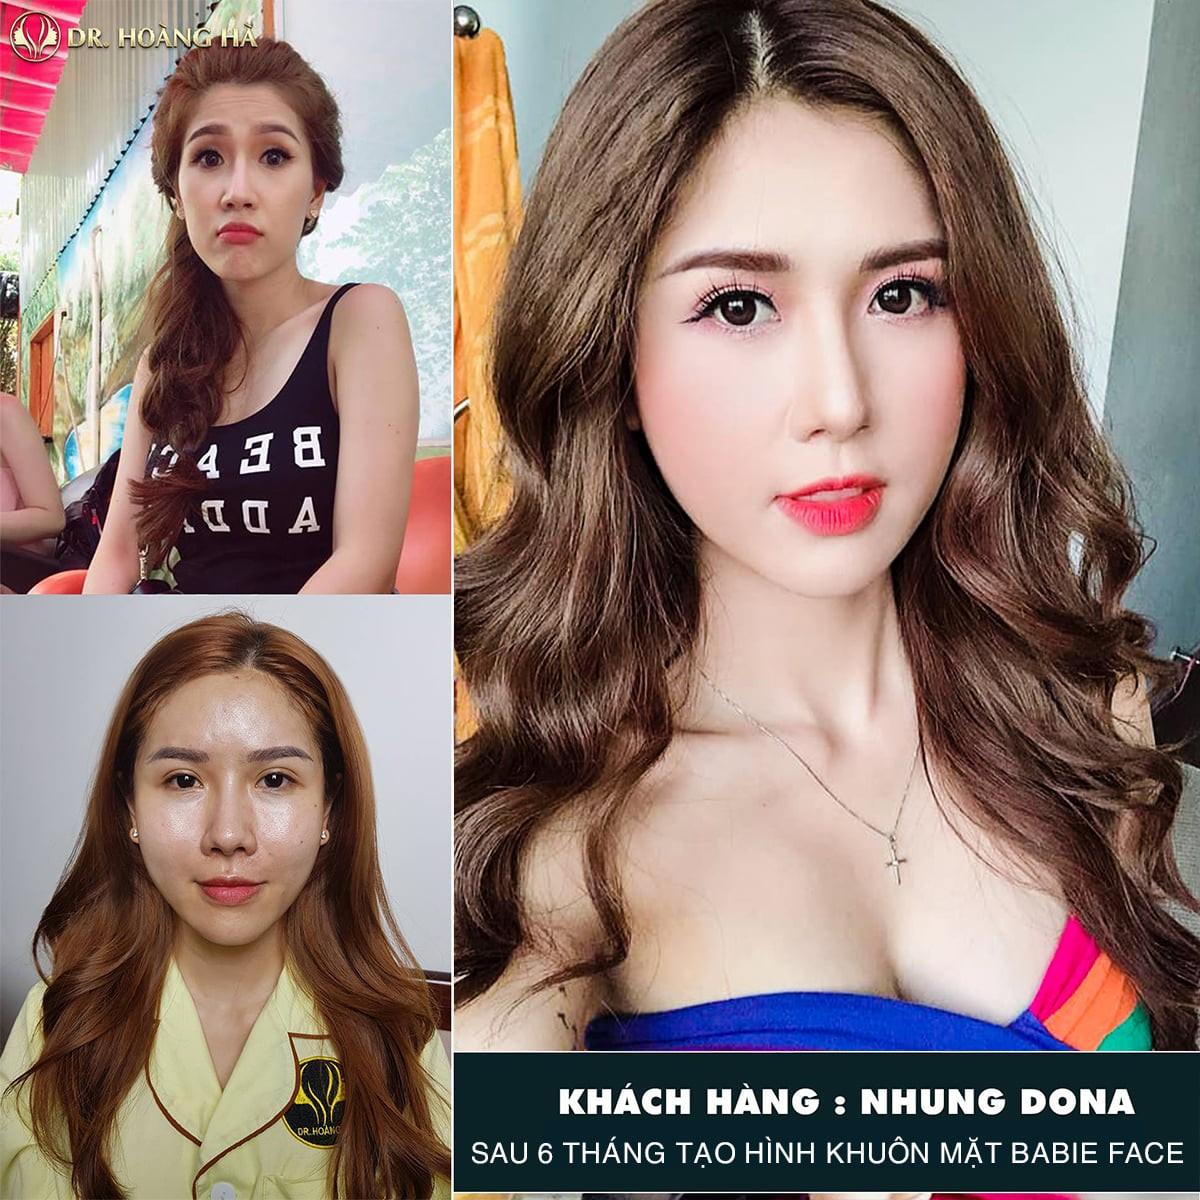 Hình ảnh của Nhung Dona sau khi thực hiện cấy mỡ mặt